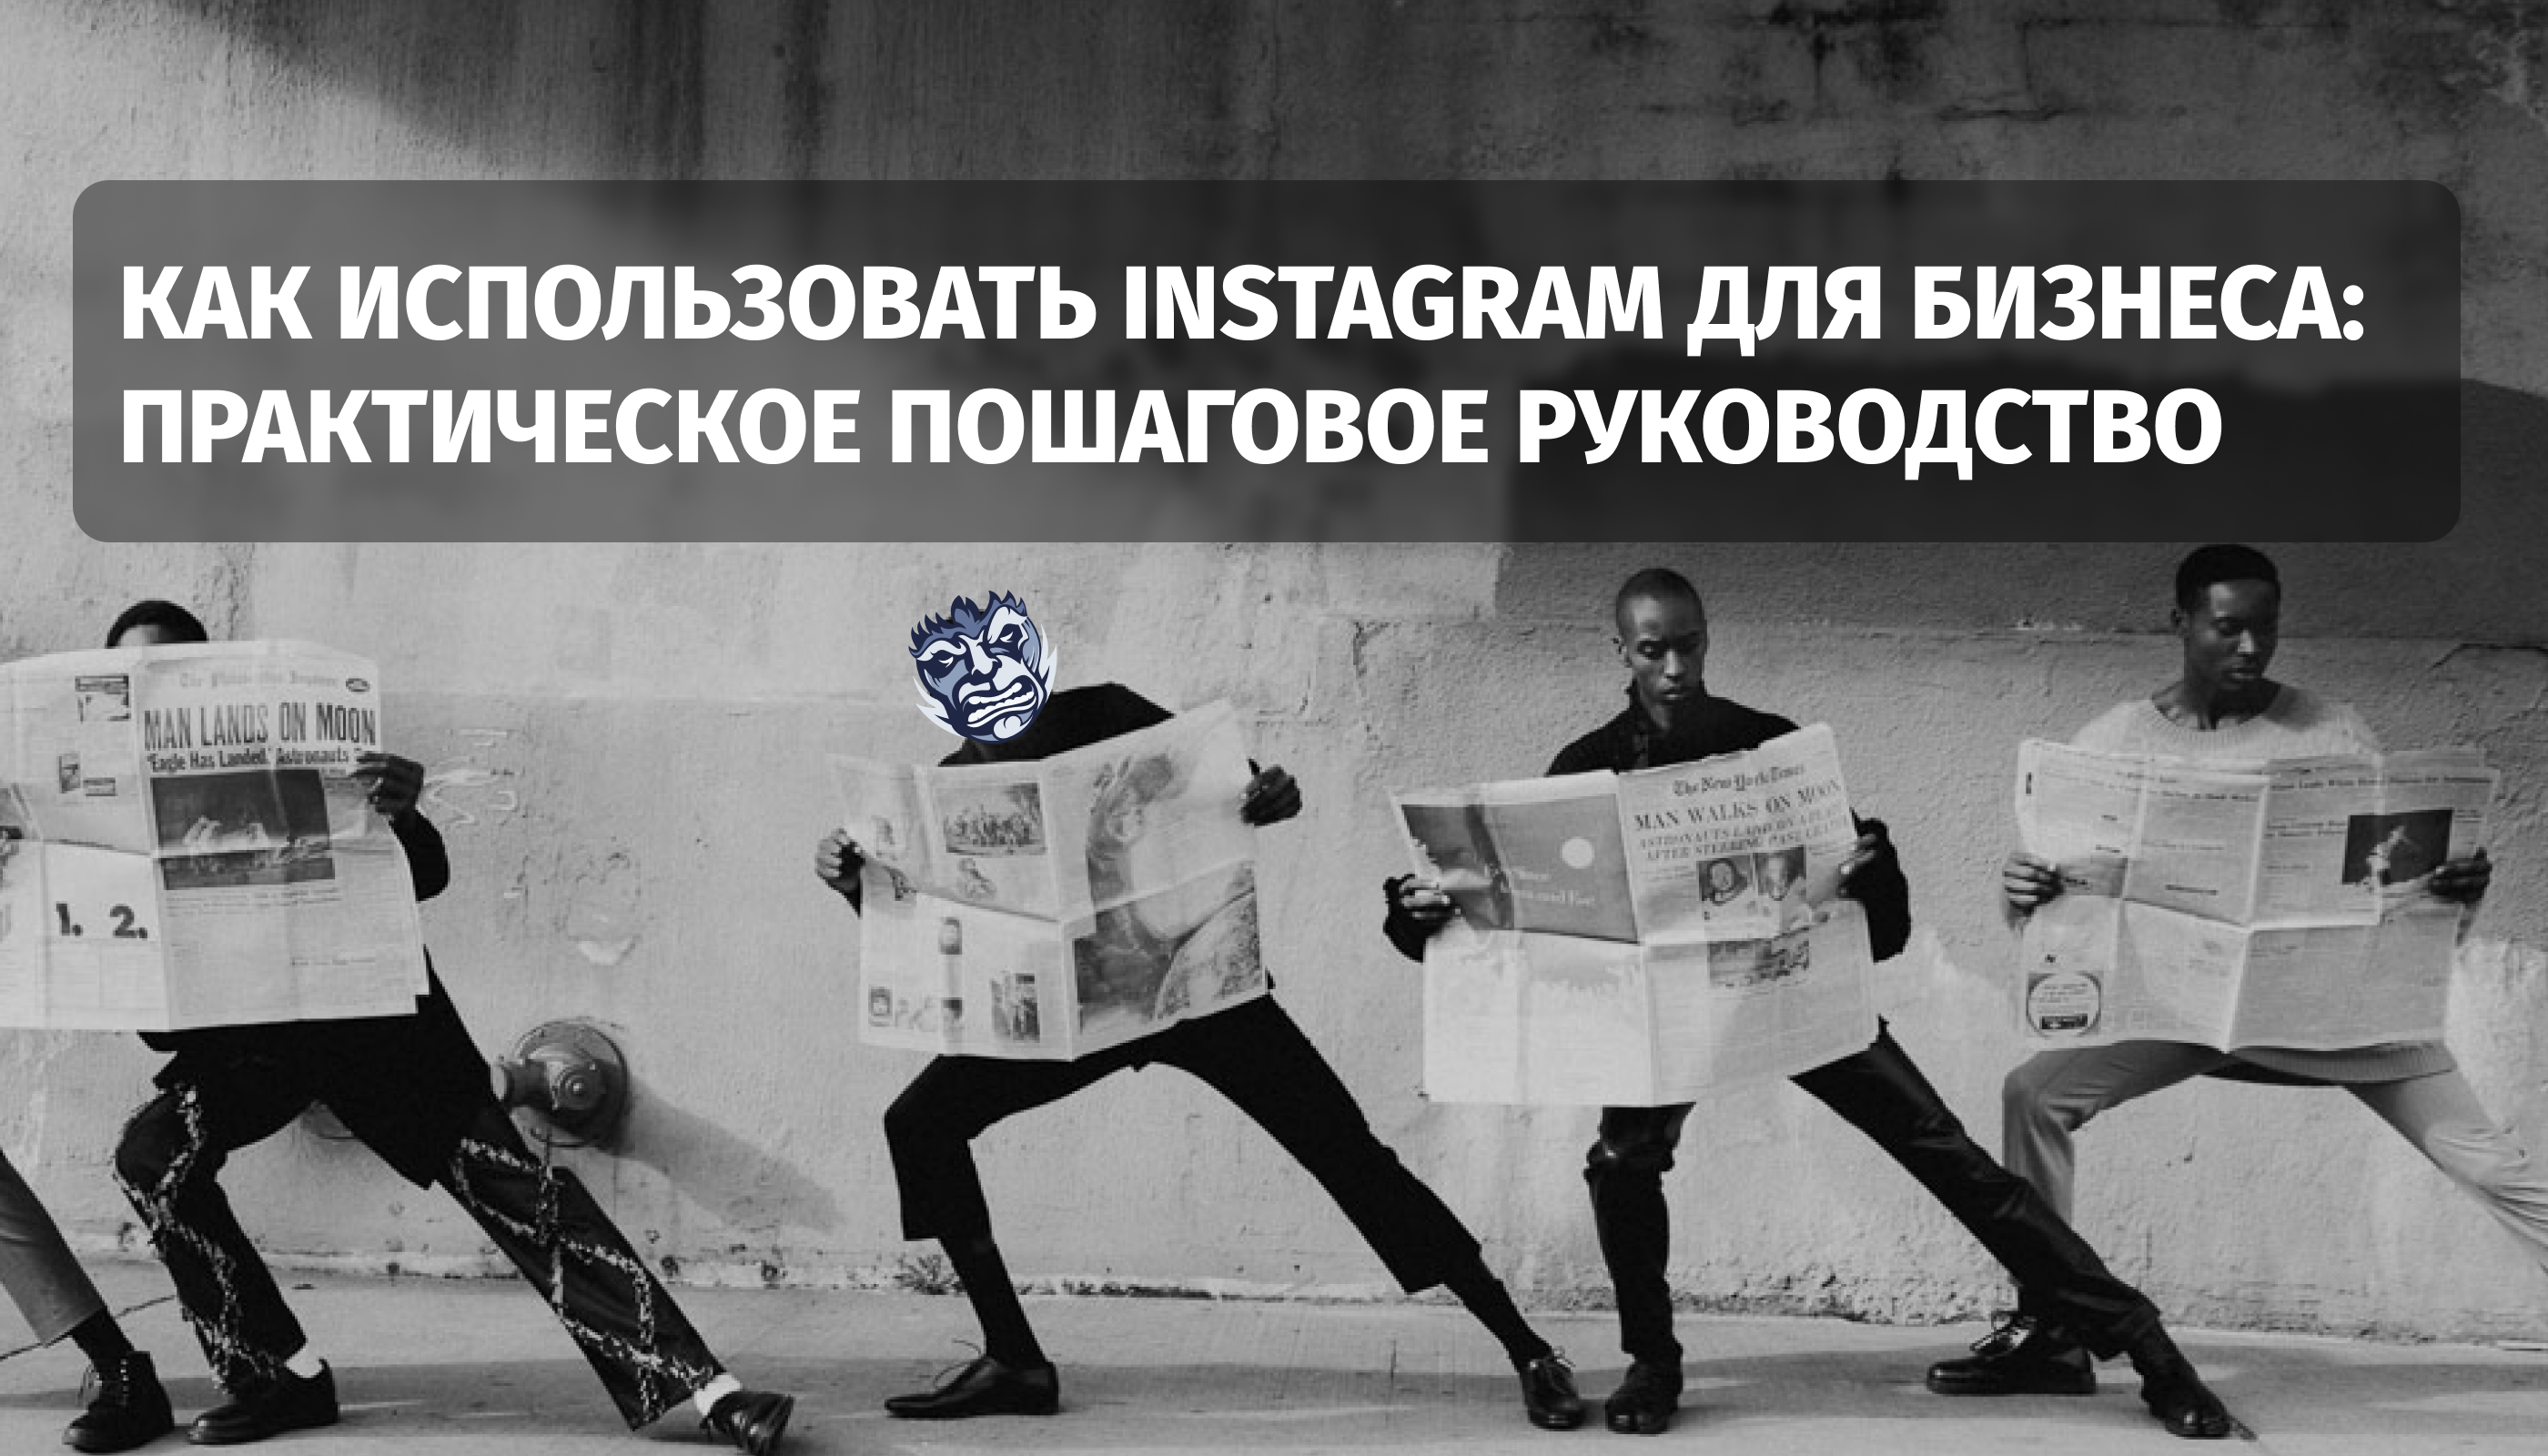 Как использовать Instagram для бизнеса: практическое пошаговое руководство